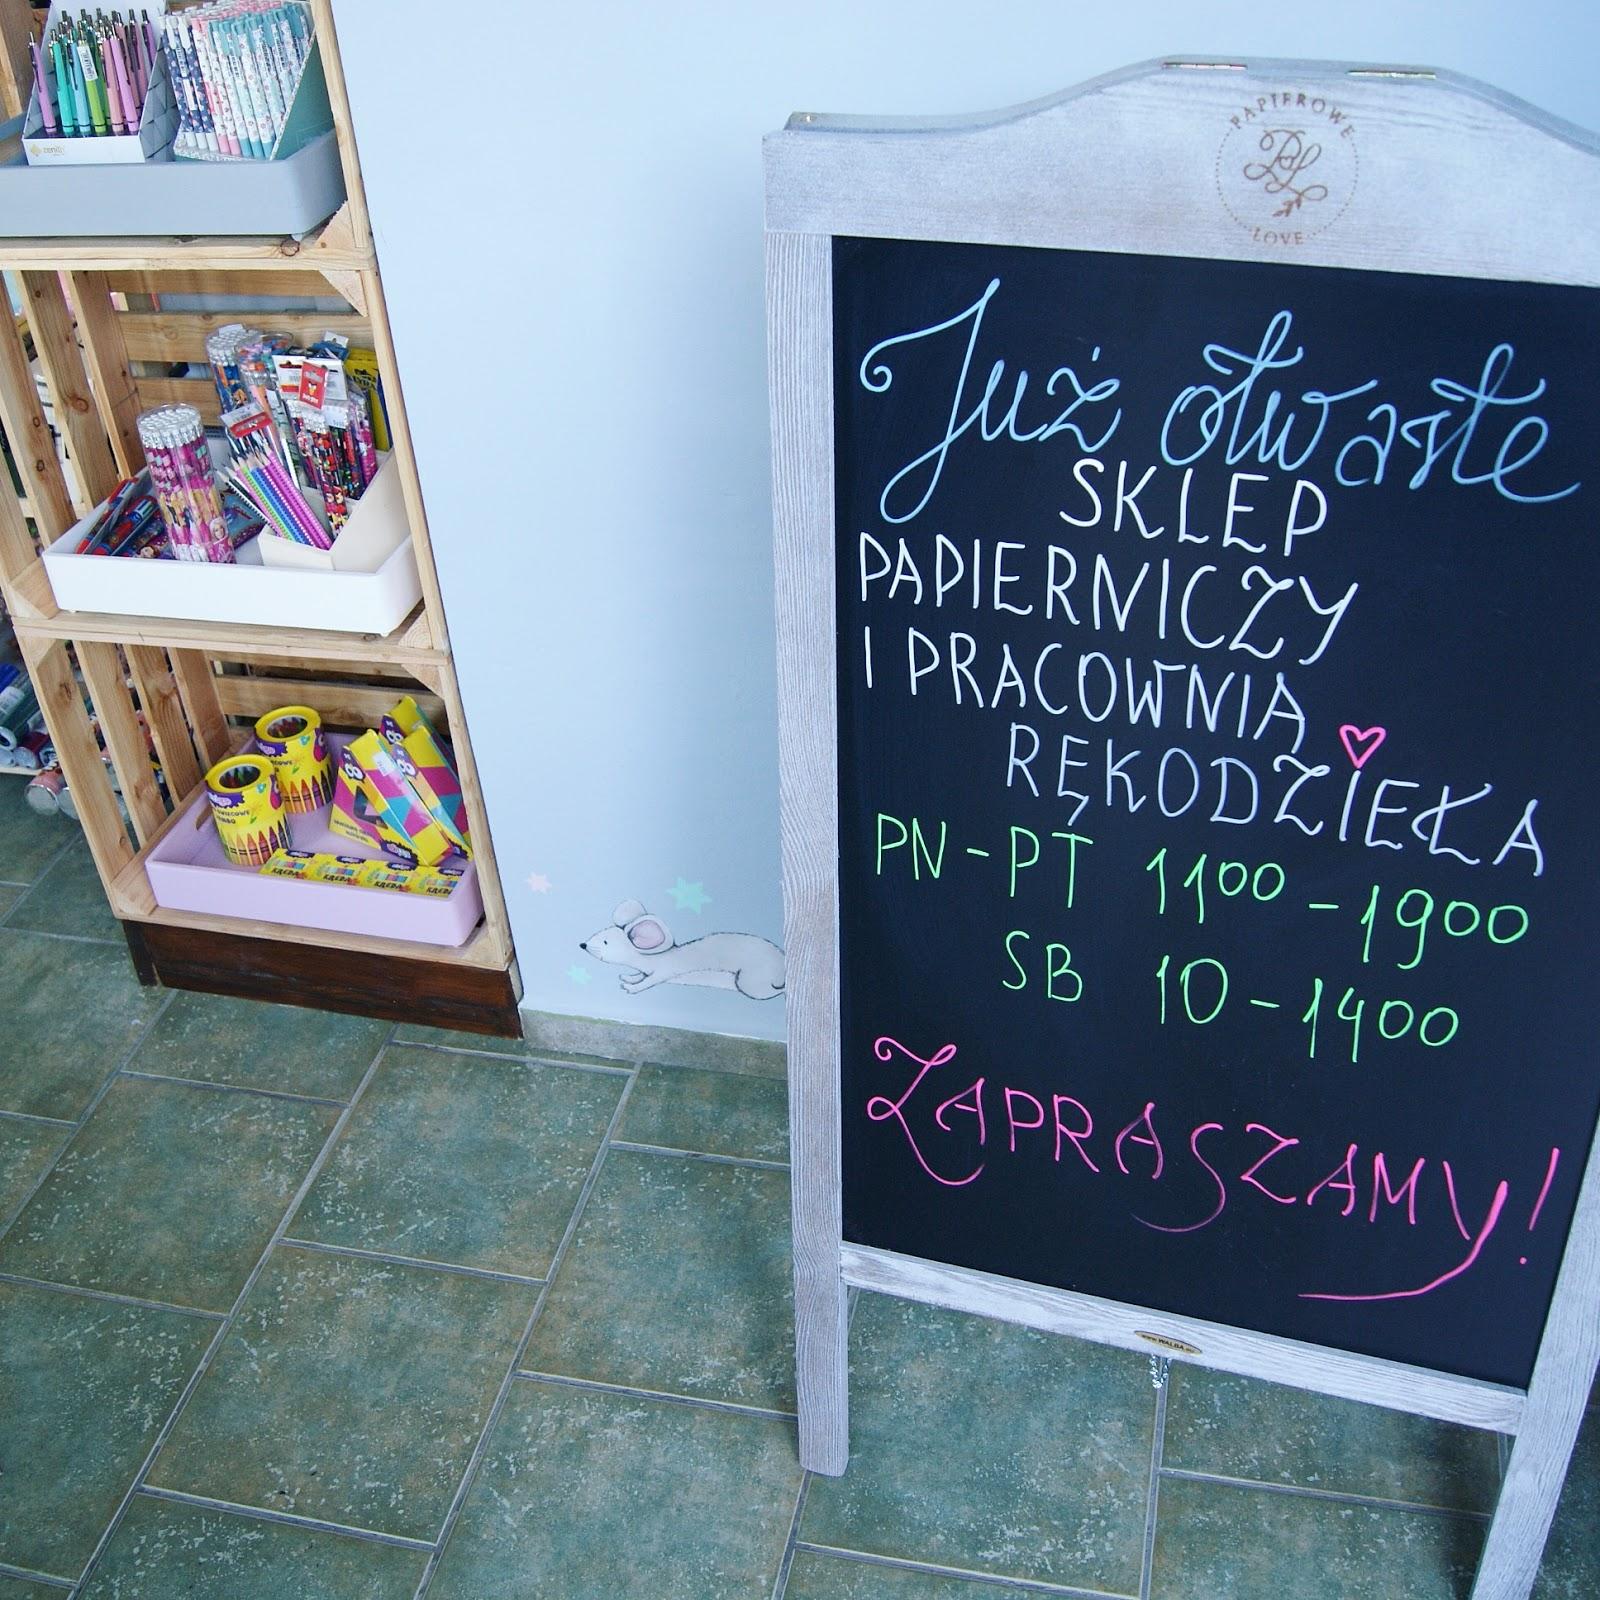 Papierowe Love - sklep papierniczy i pracownia rękodzieła Katarzyna Rajczakowska